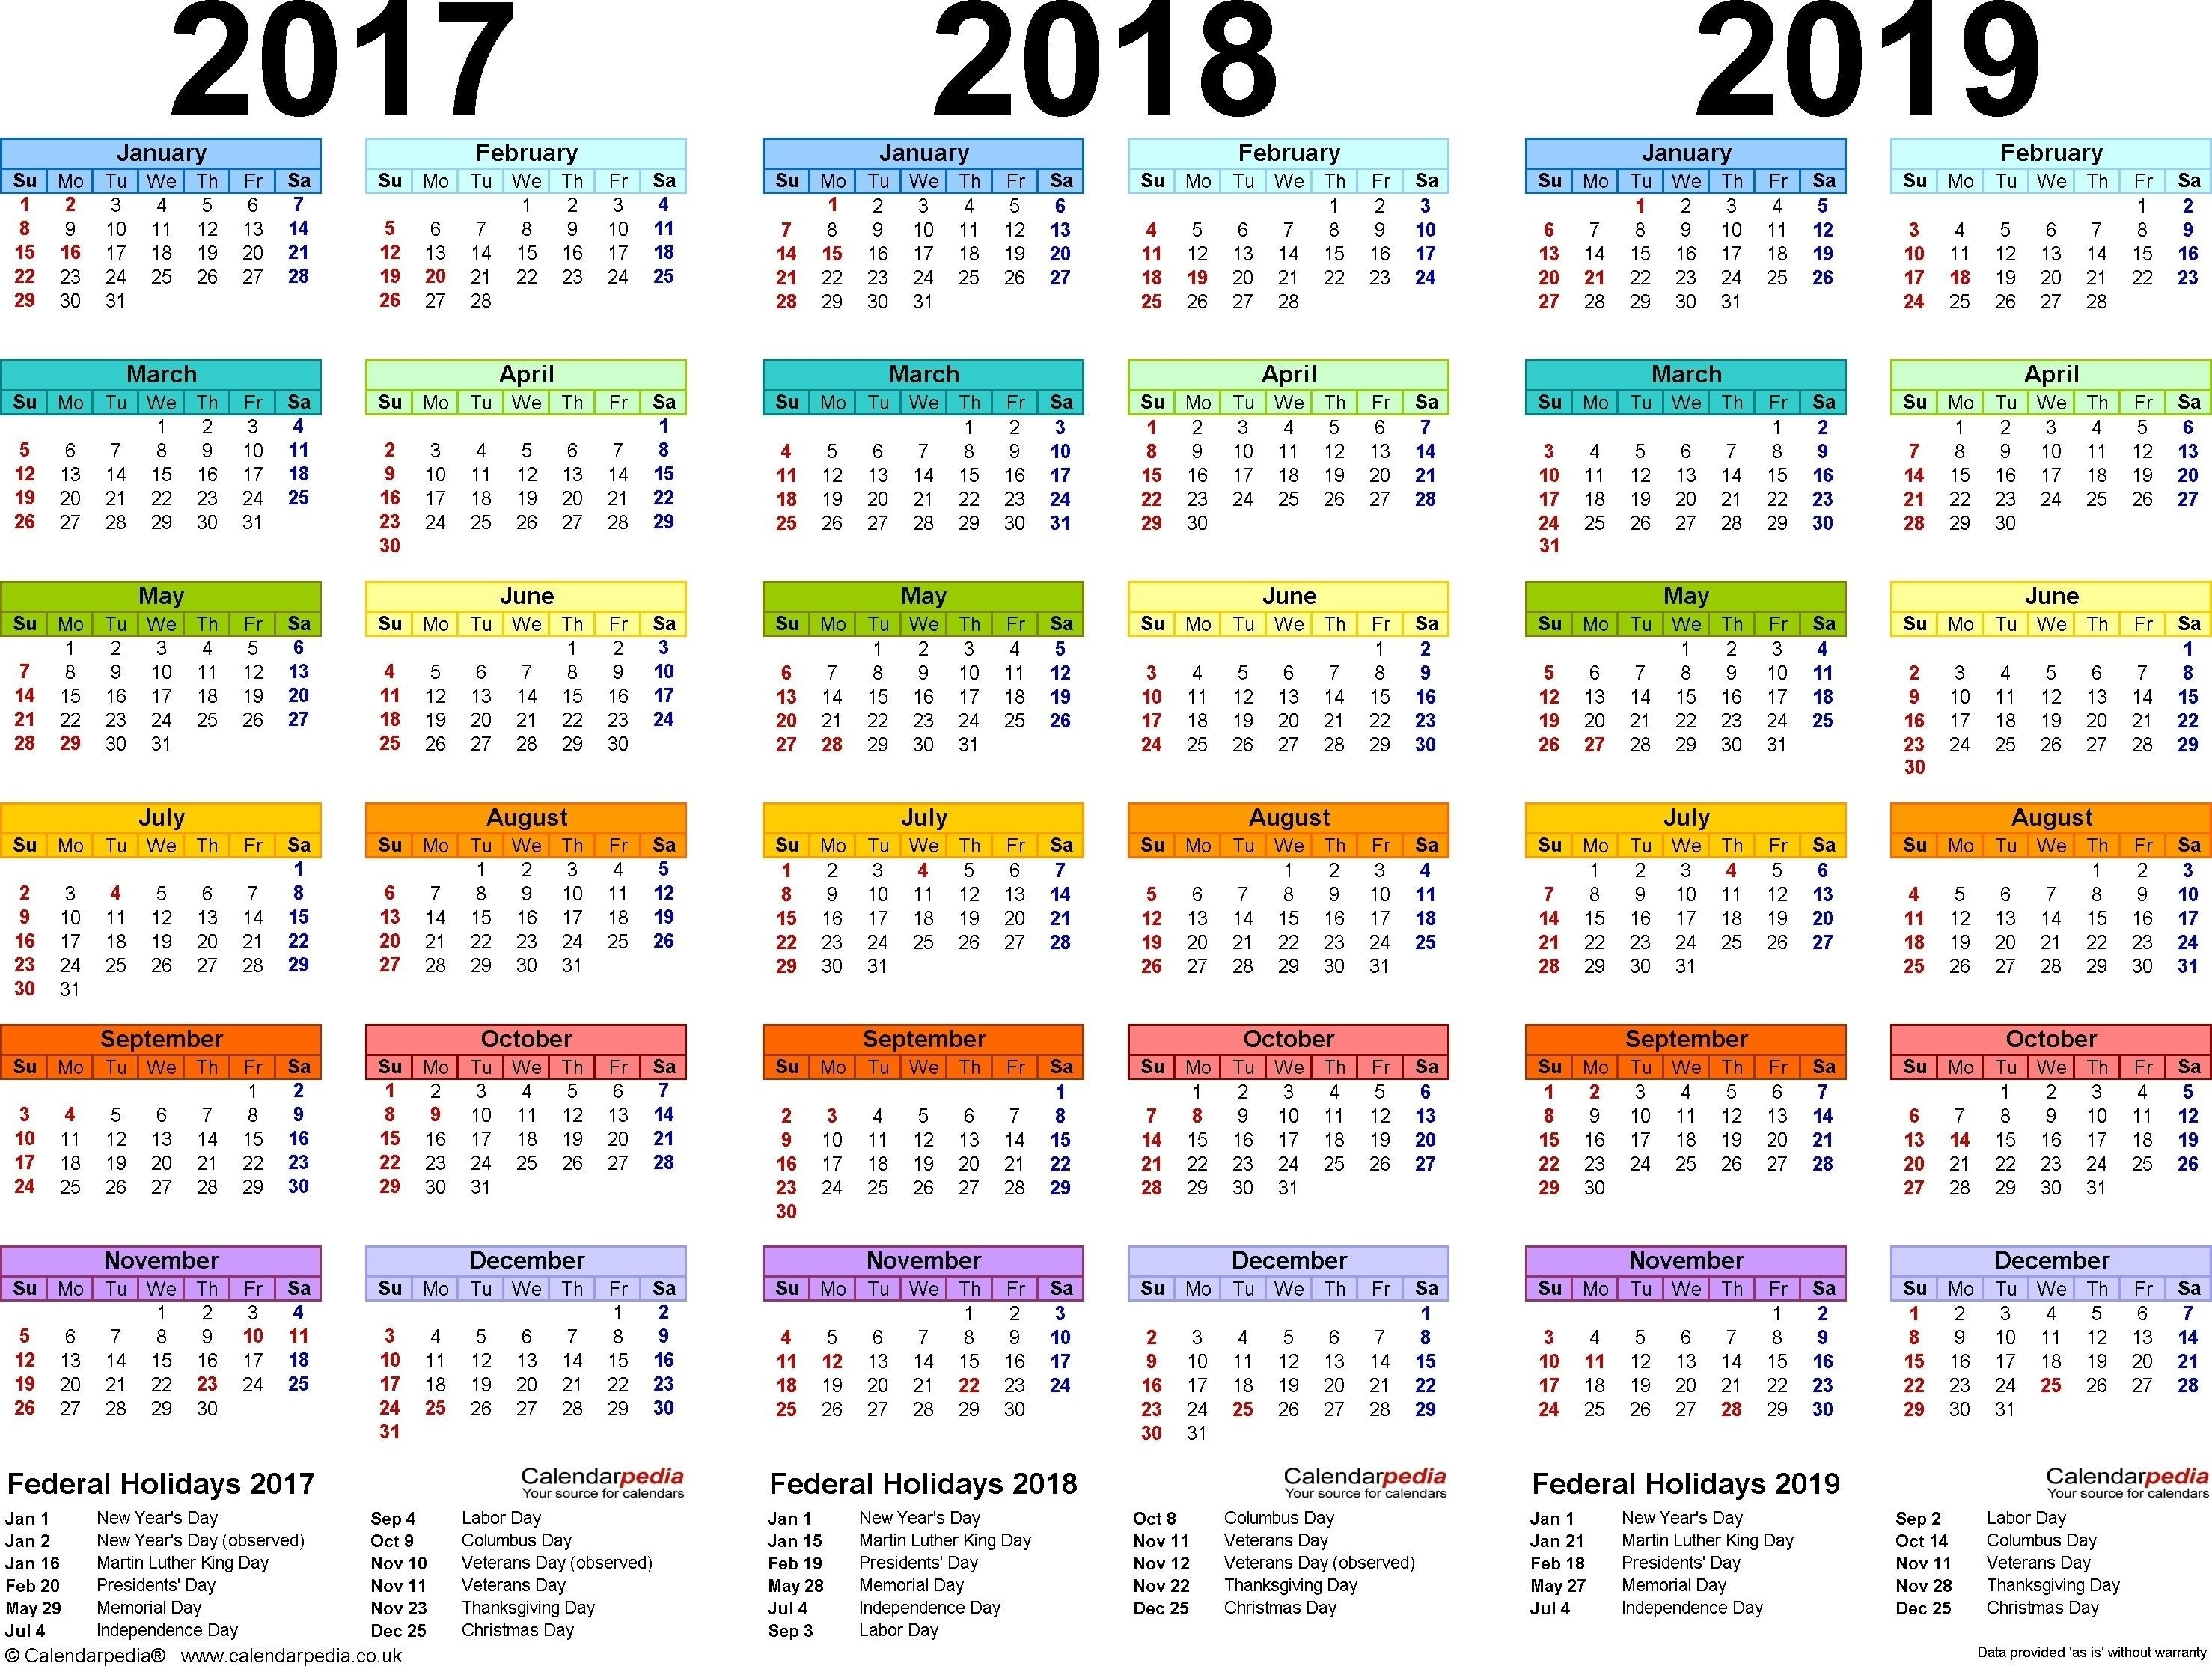 Depo Provera Perpetual Calendar 2018 – Calendar Printable  Calendario Depo Provera 2020